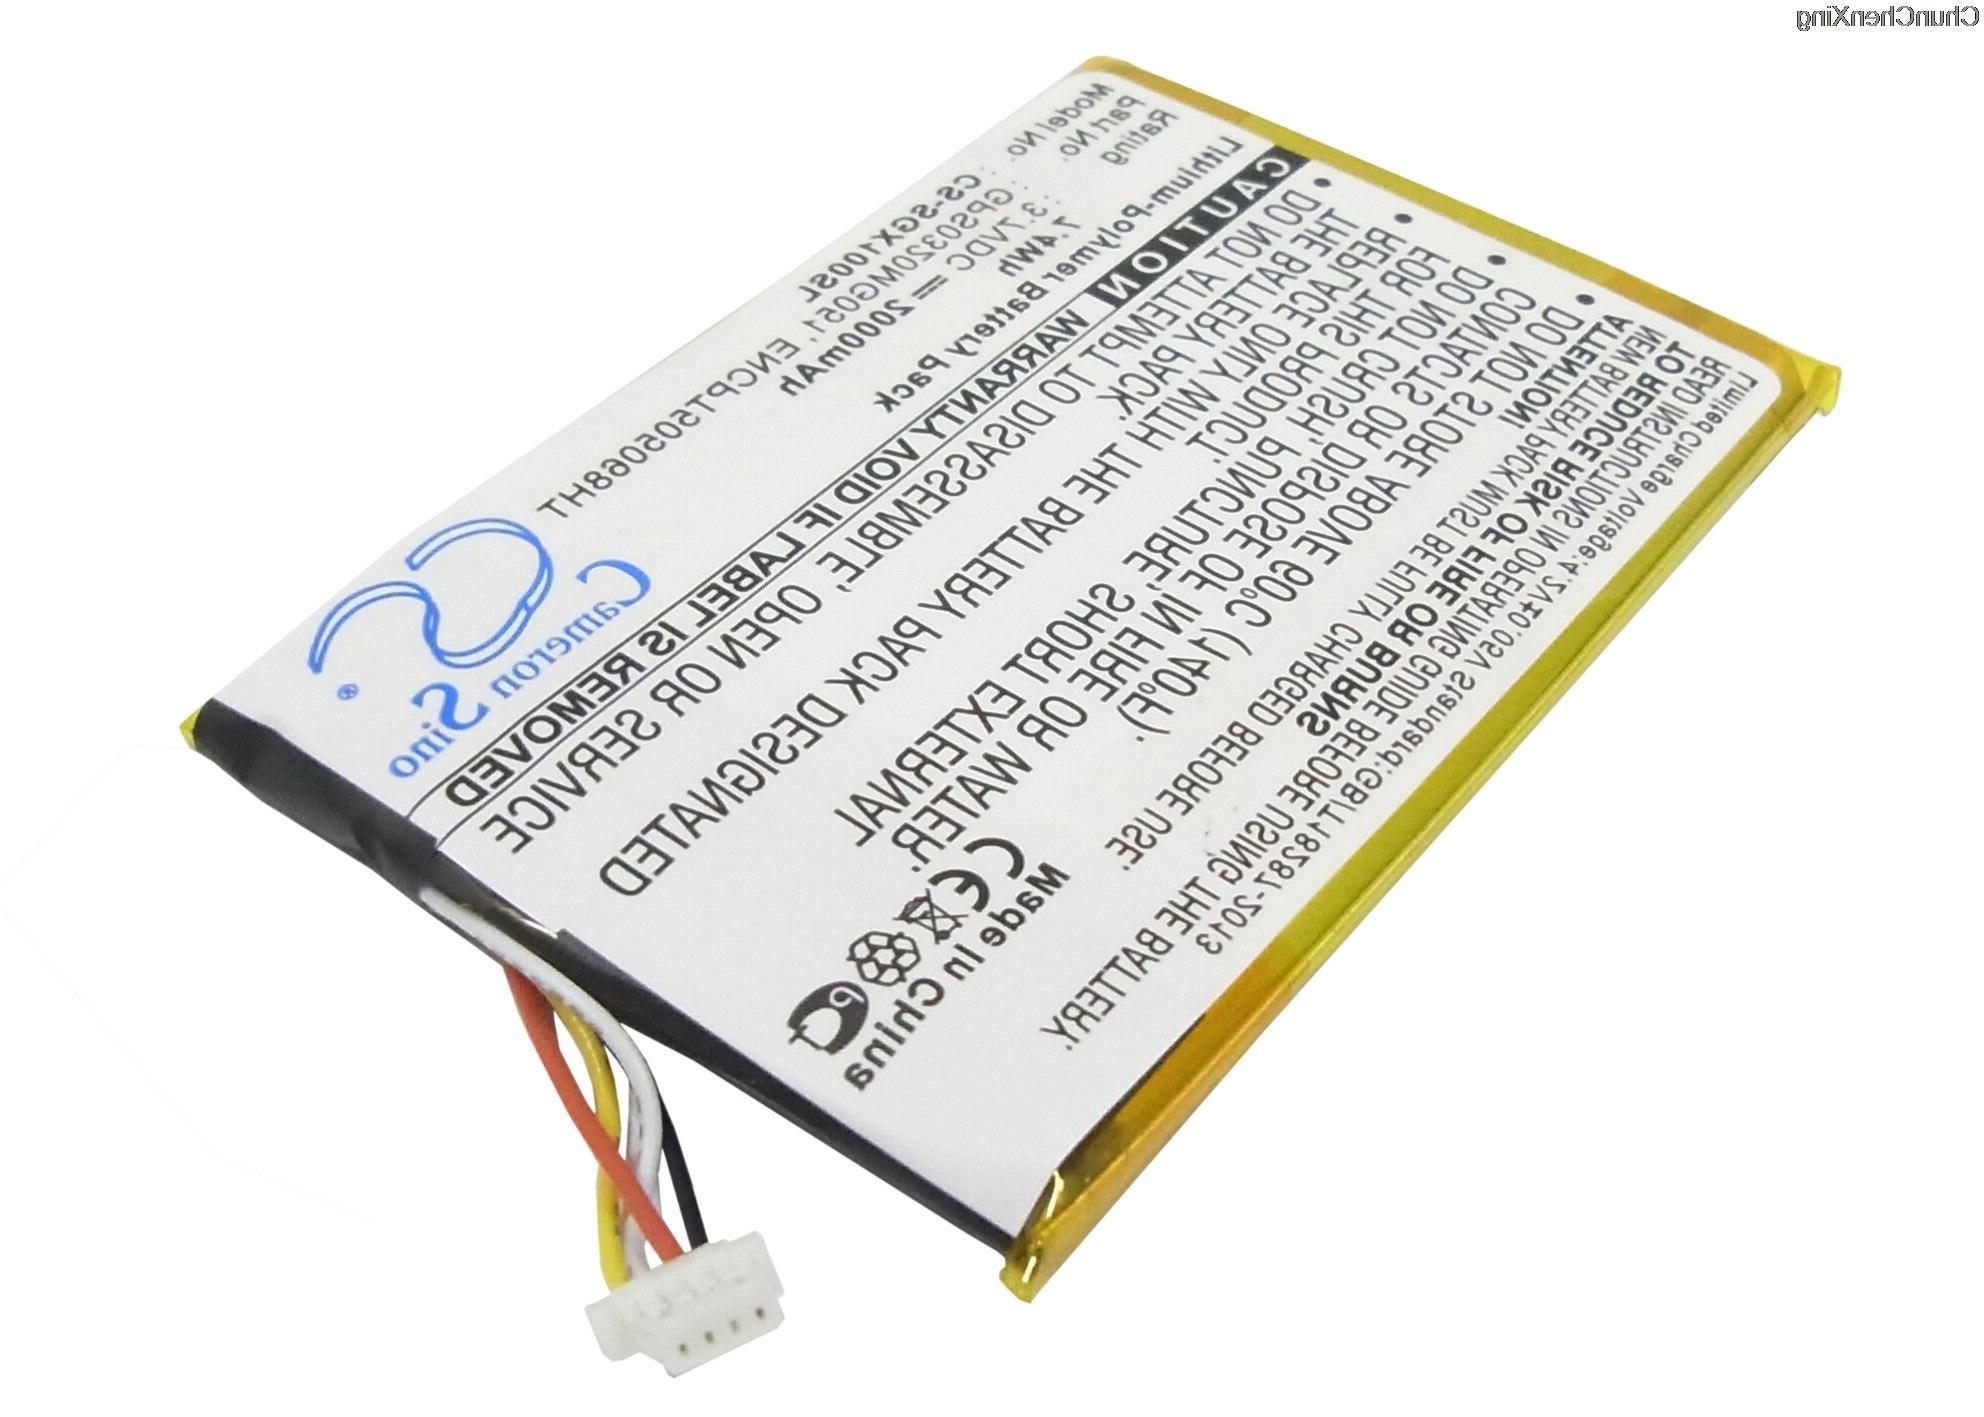 Cameron GPS0320MG051 for SkyGolf SGX, <font><b>Rangefinder</b></font>, SGXw, <font><b>Rangefinder</b></font>